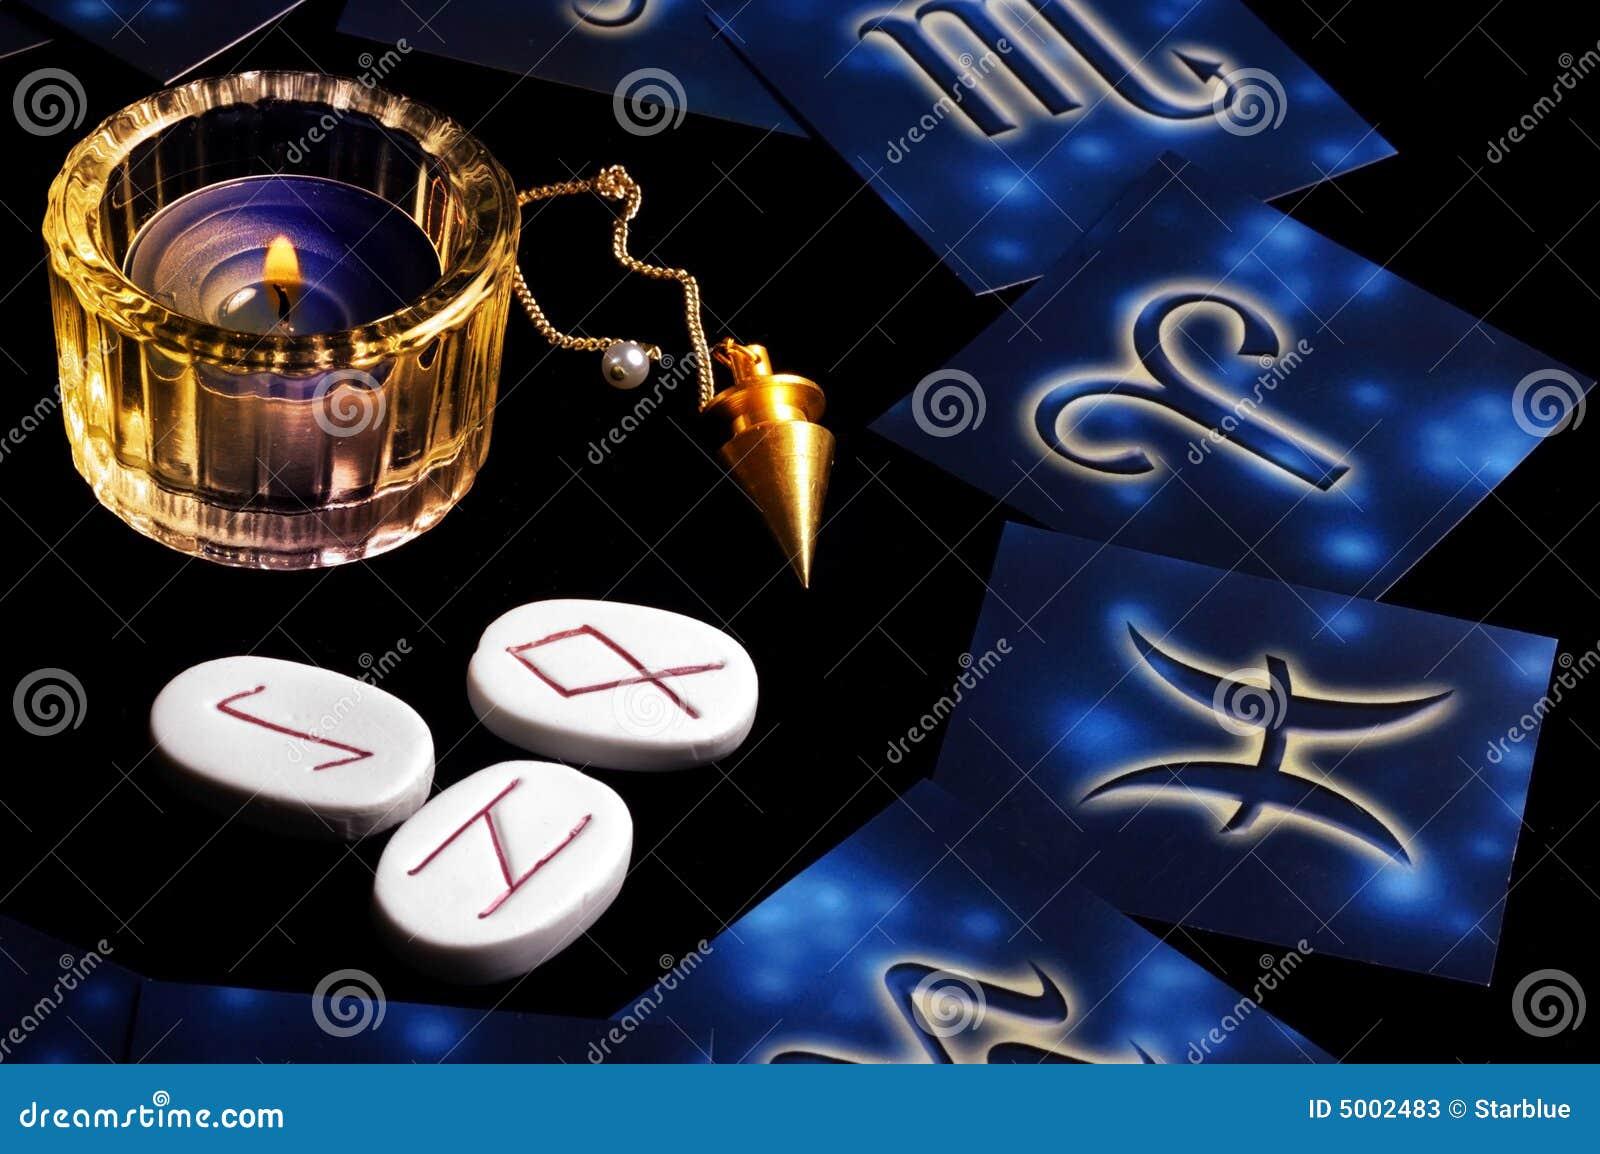 Cartes zodiacales bleues en cercle autour d une bougie, des runes et d un pendule  magique acf1af29f8a